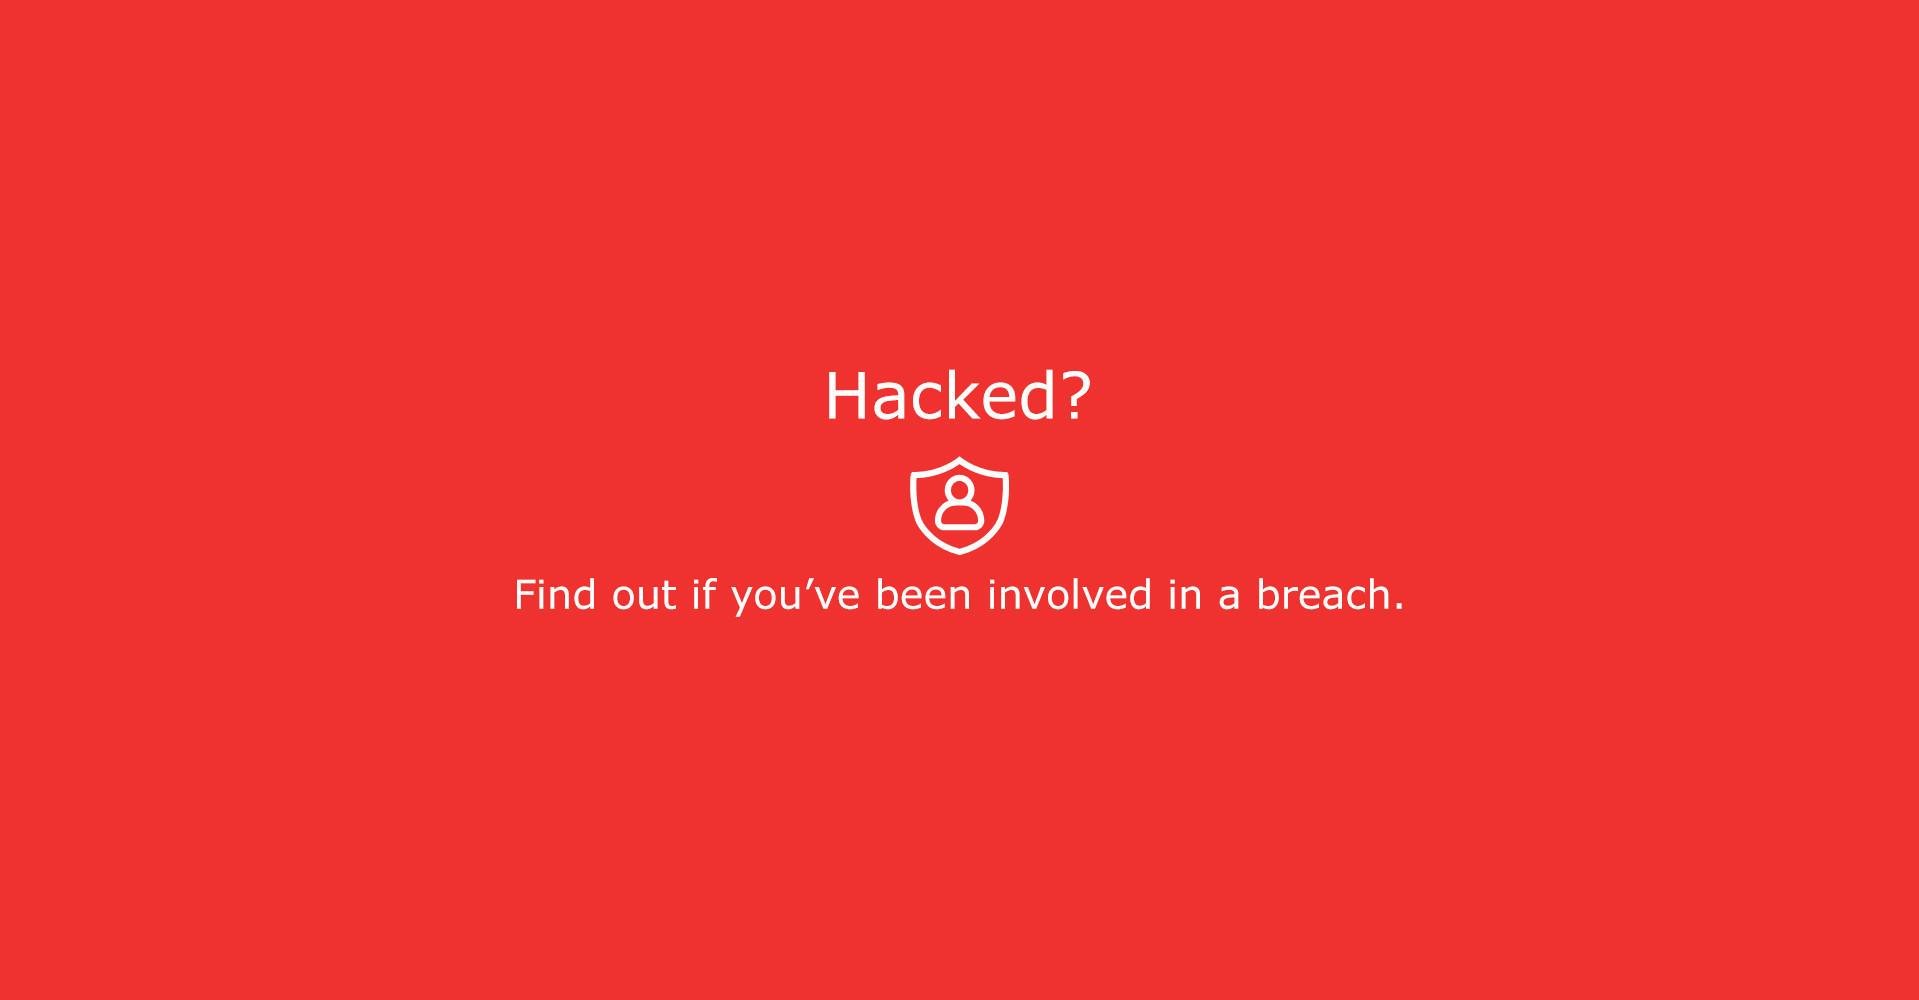 has windows 10 been hacked